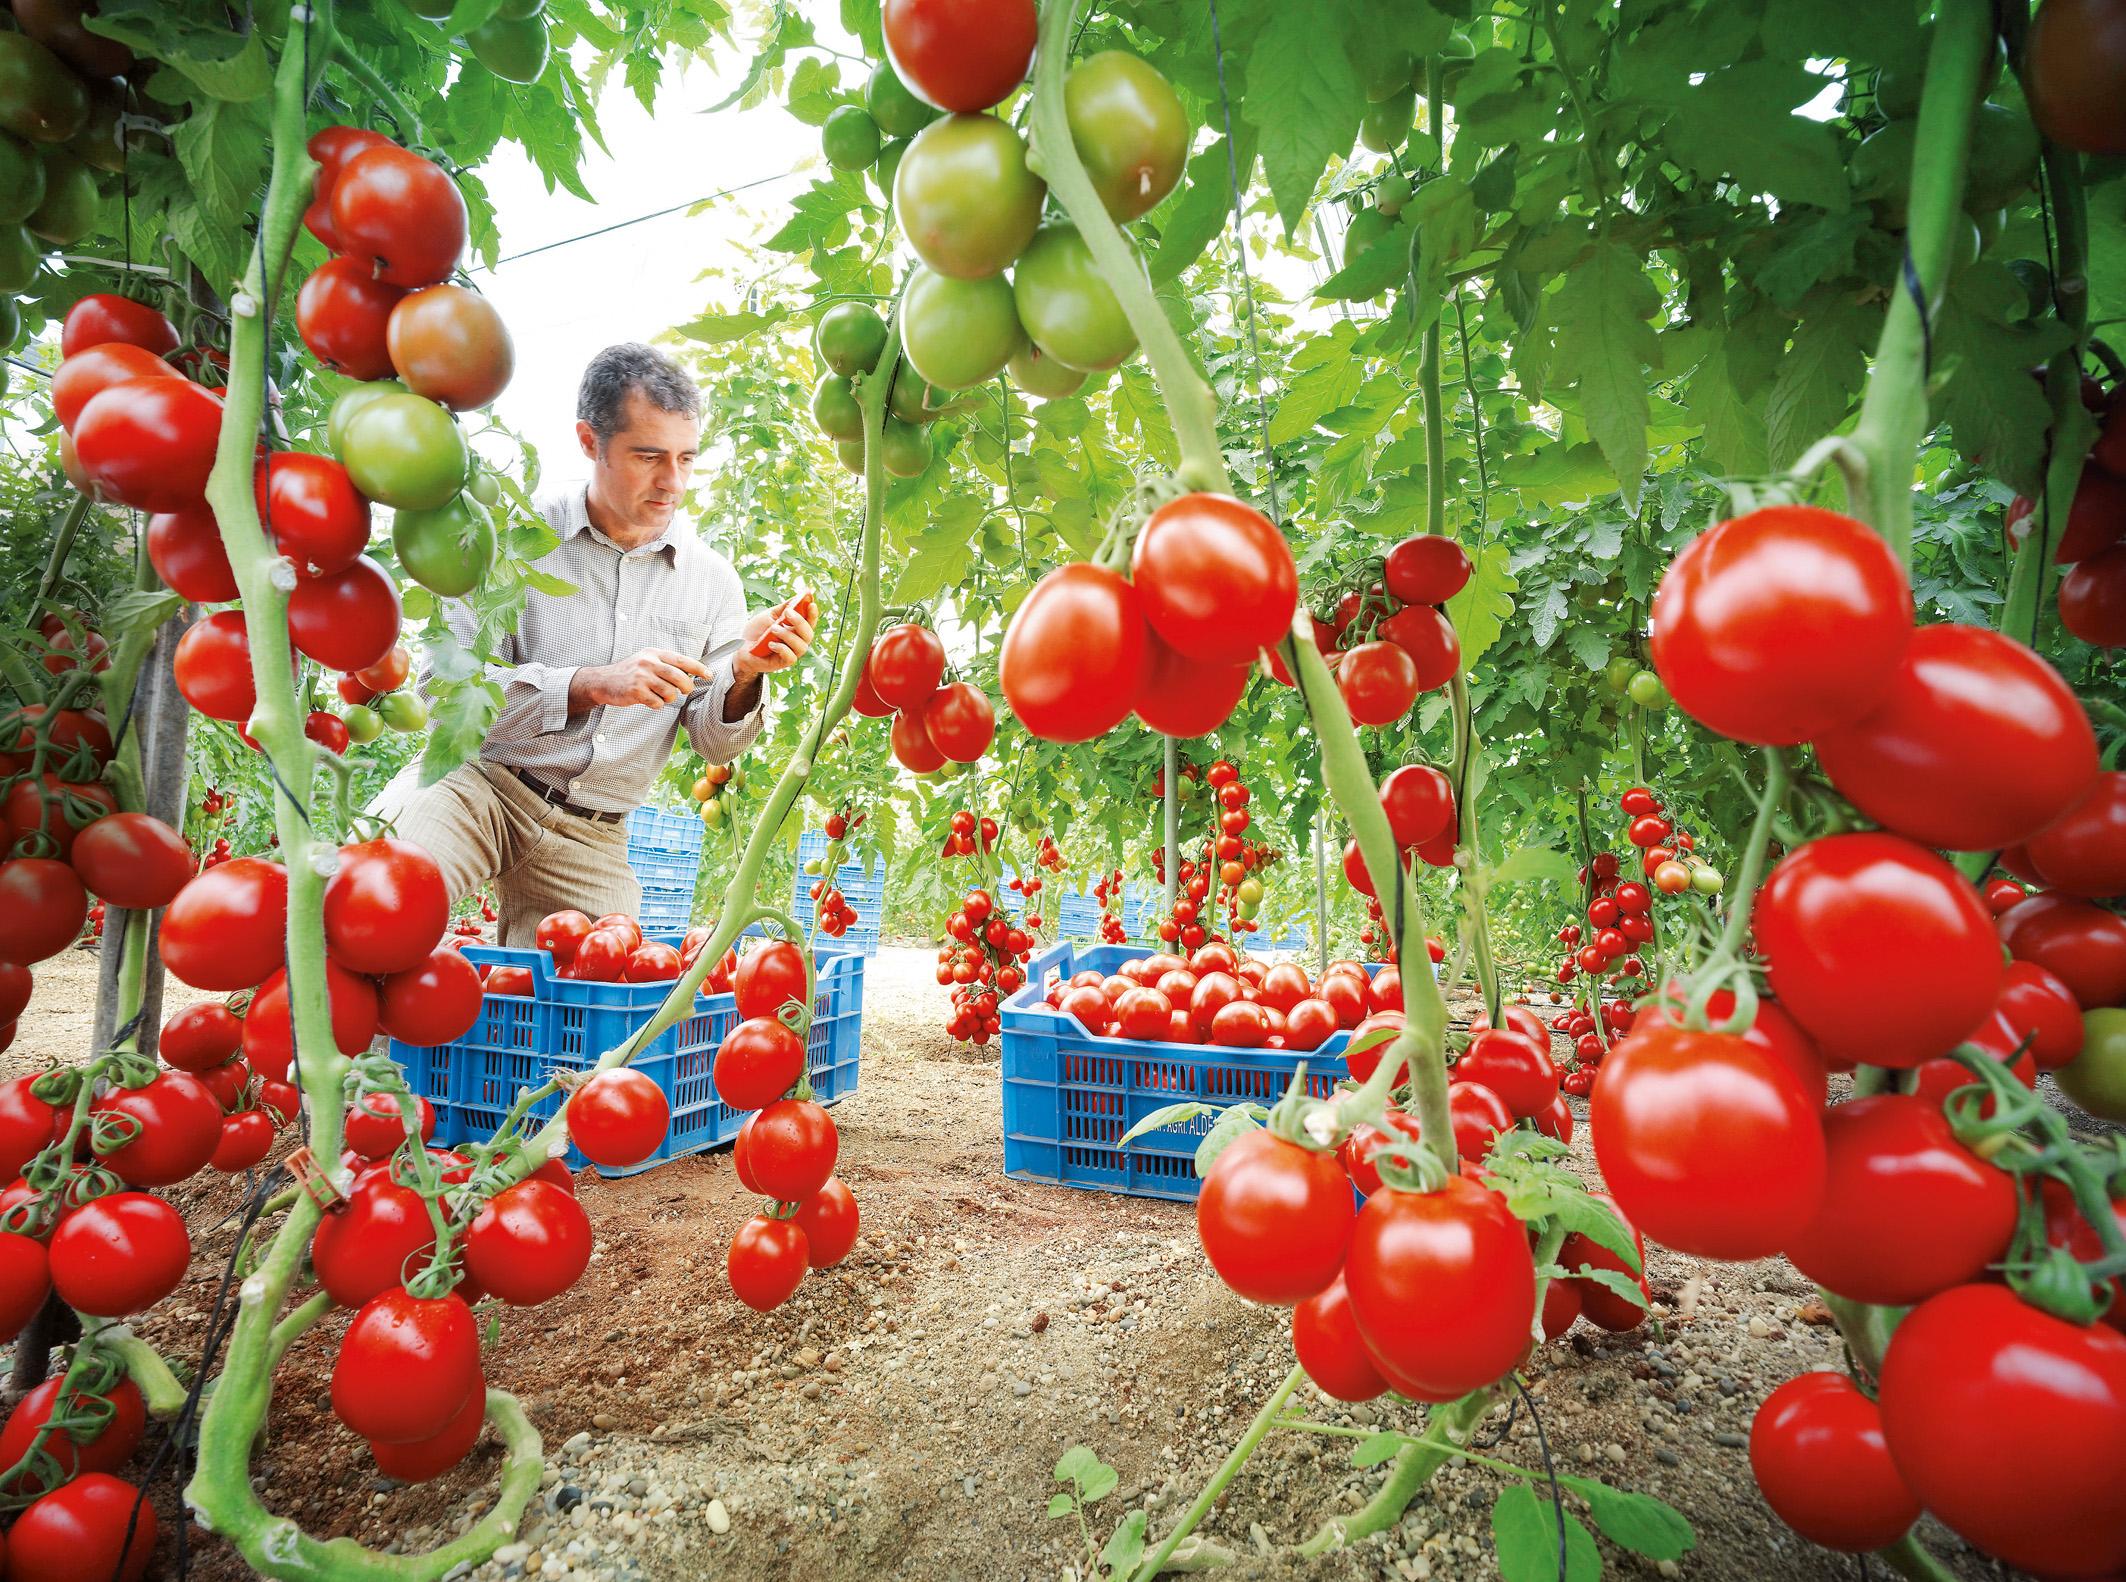 El tomate es una fruta o un vegetal 2